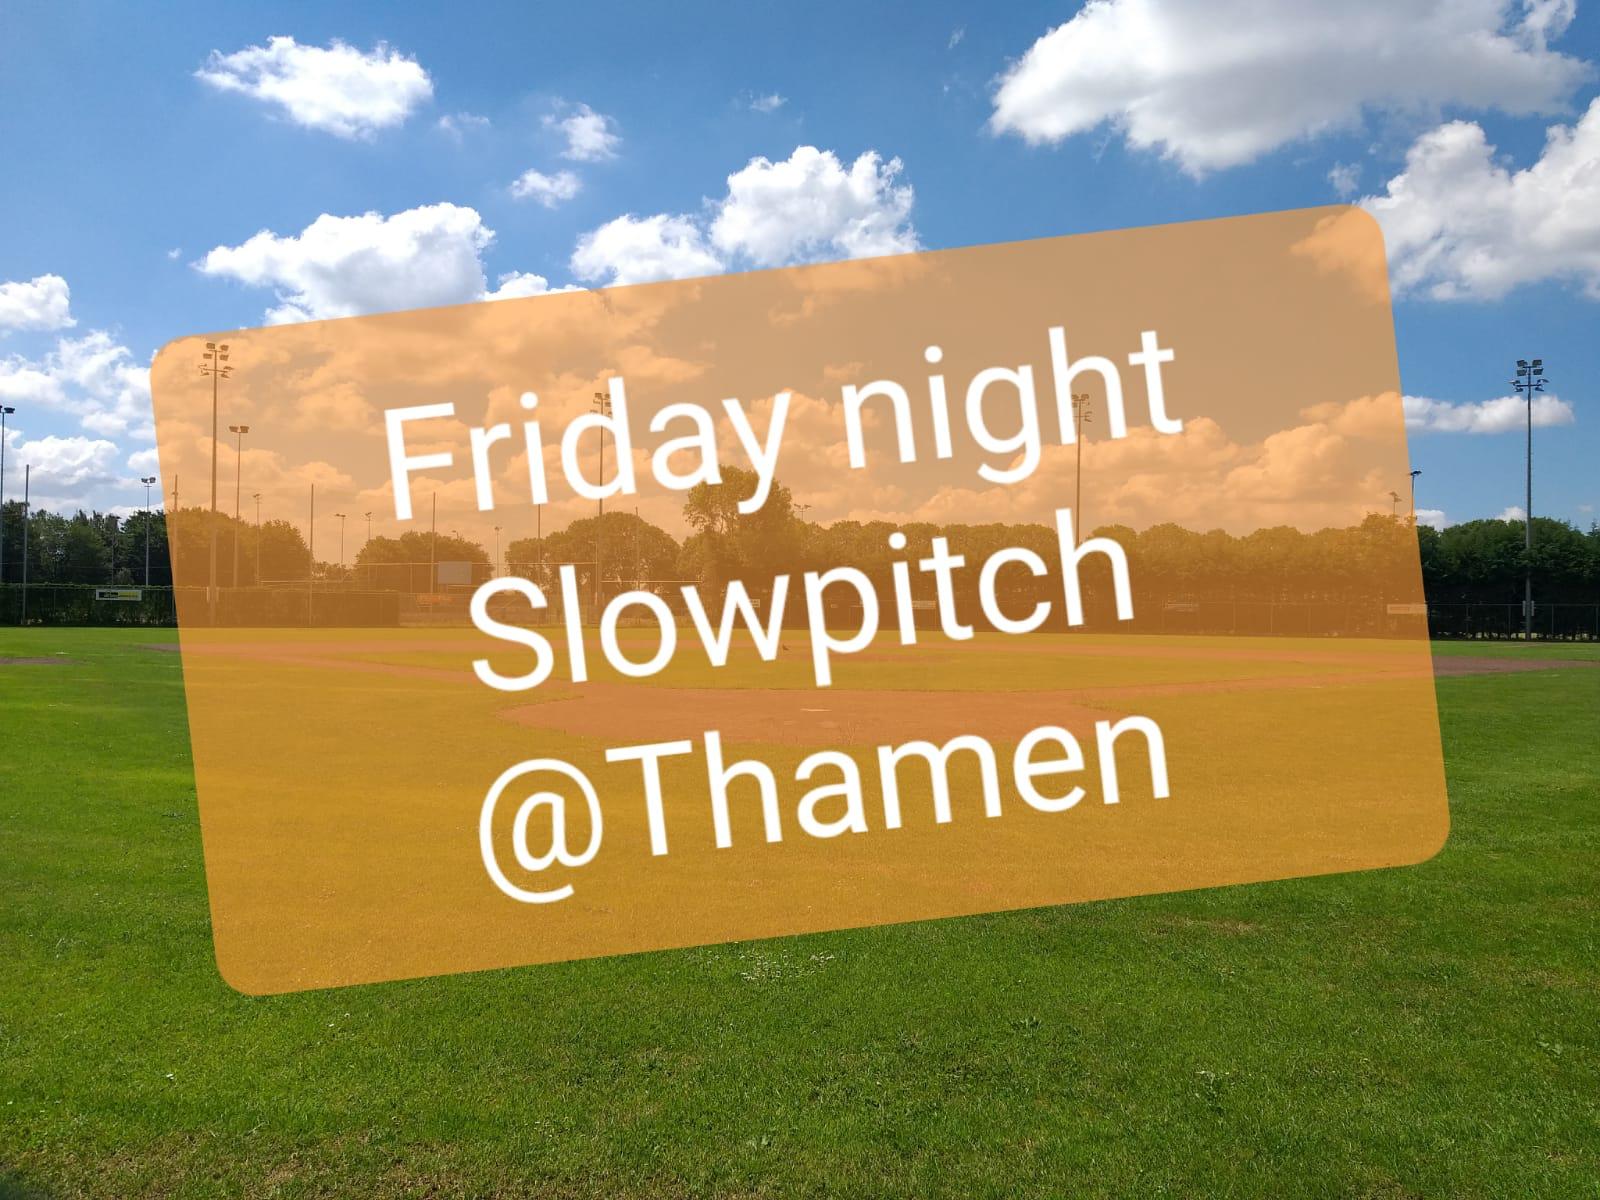 Interesse in Friday Night Slowpitch @ Thamen? Geef je op!